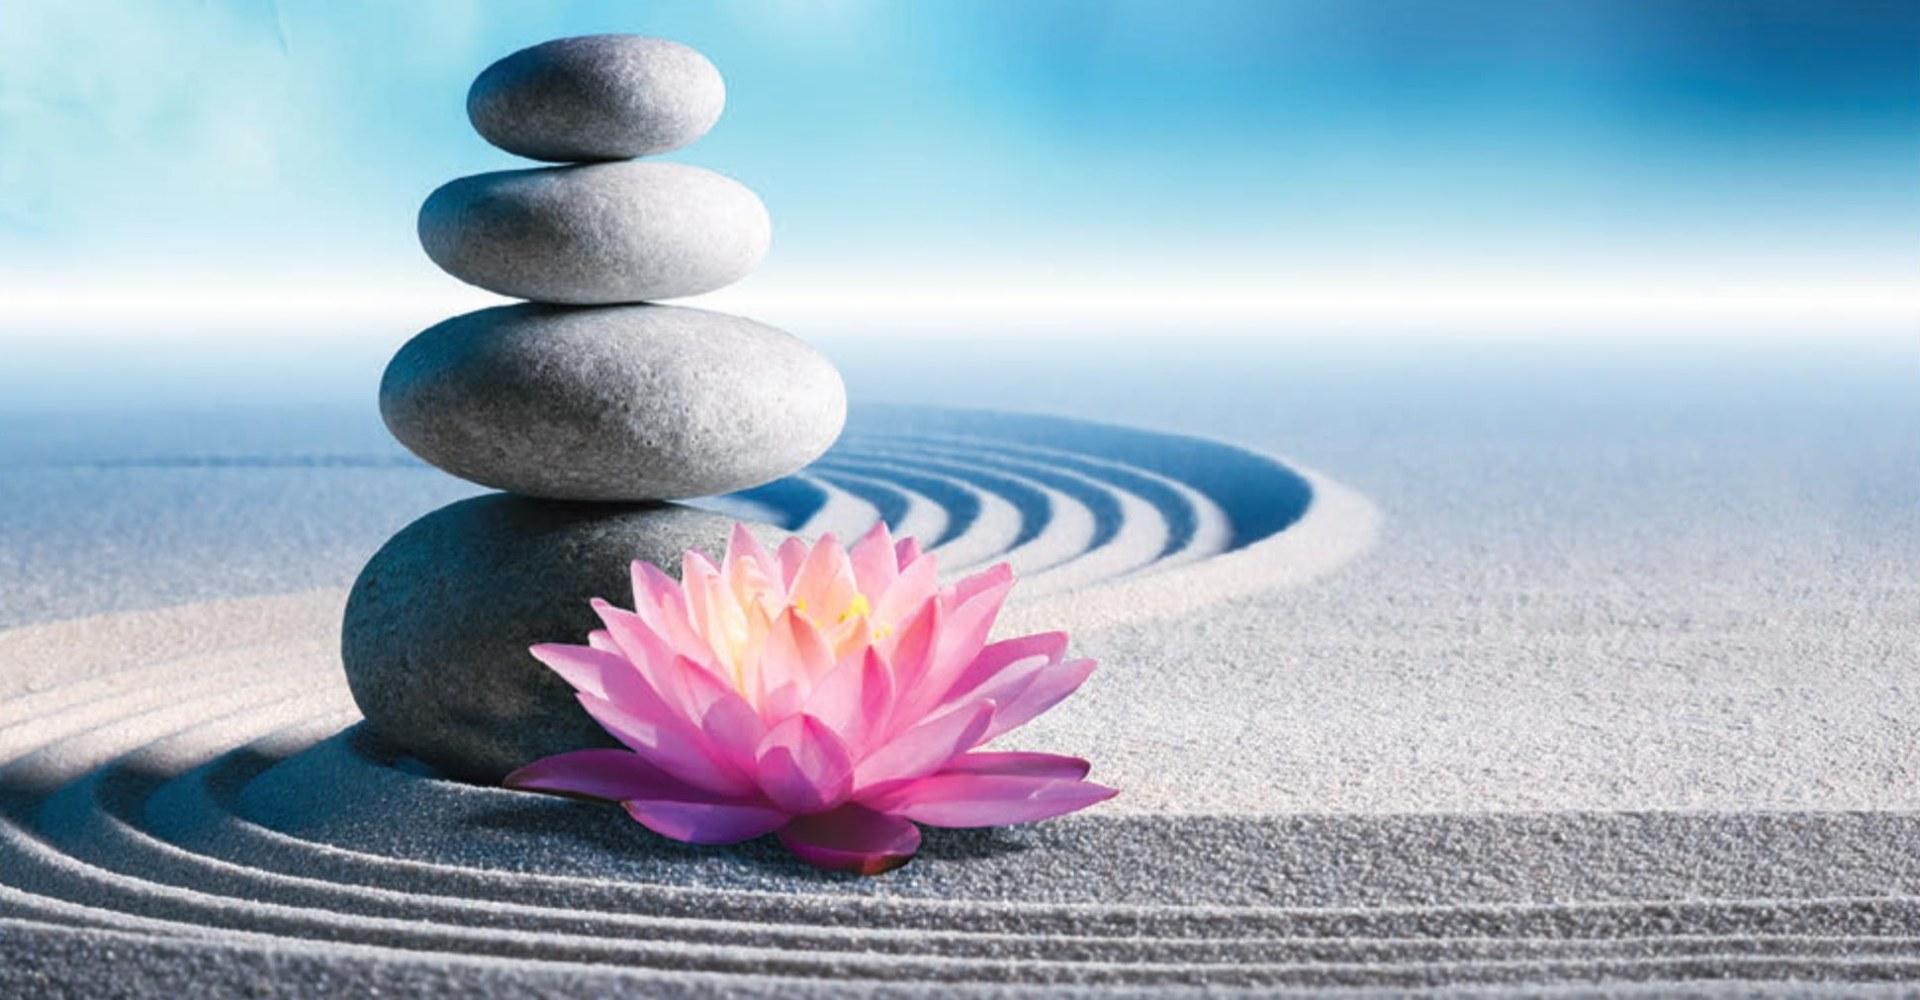 Liść lotosu i ułożone na sobie kamienie.